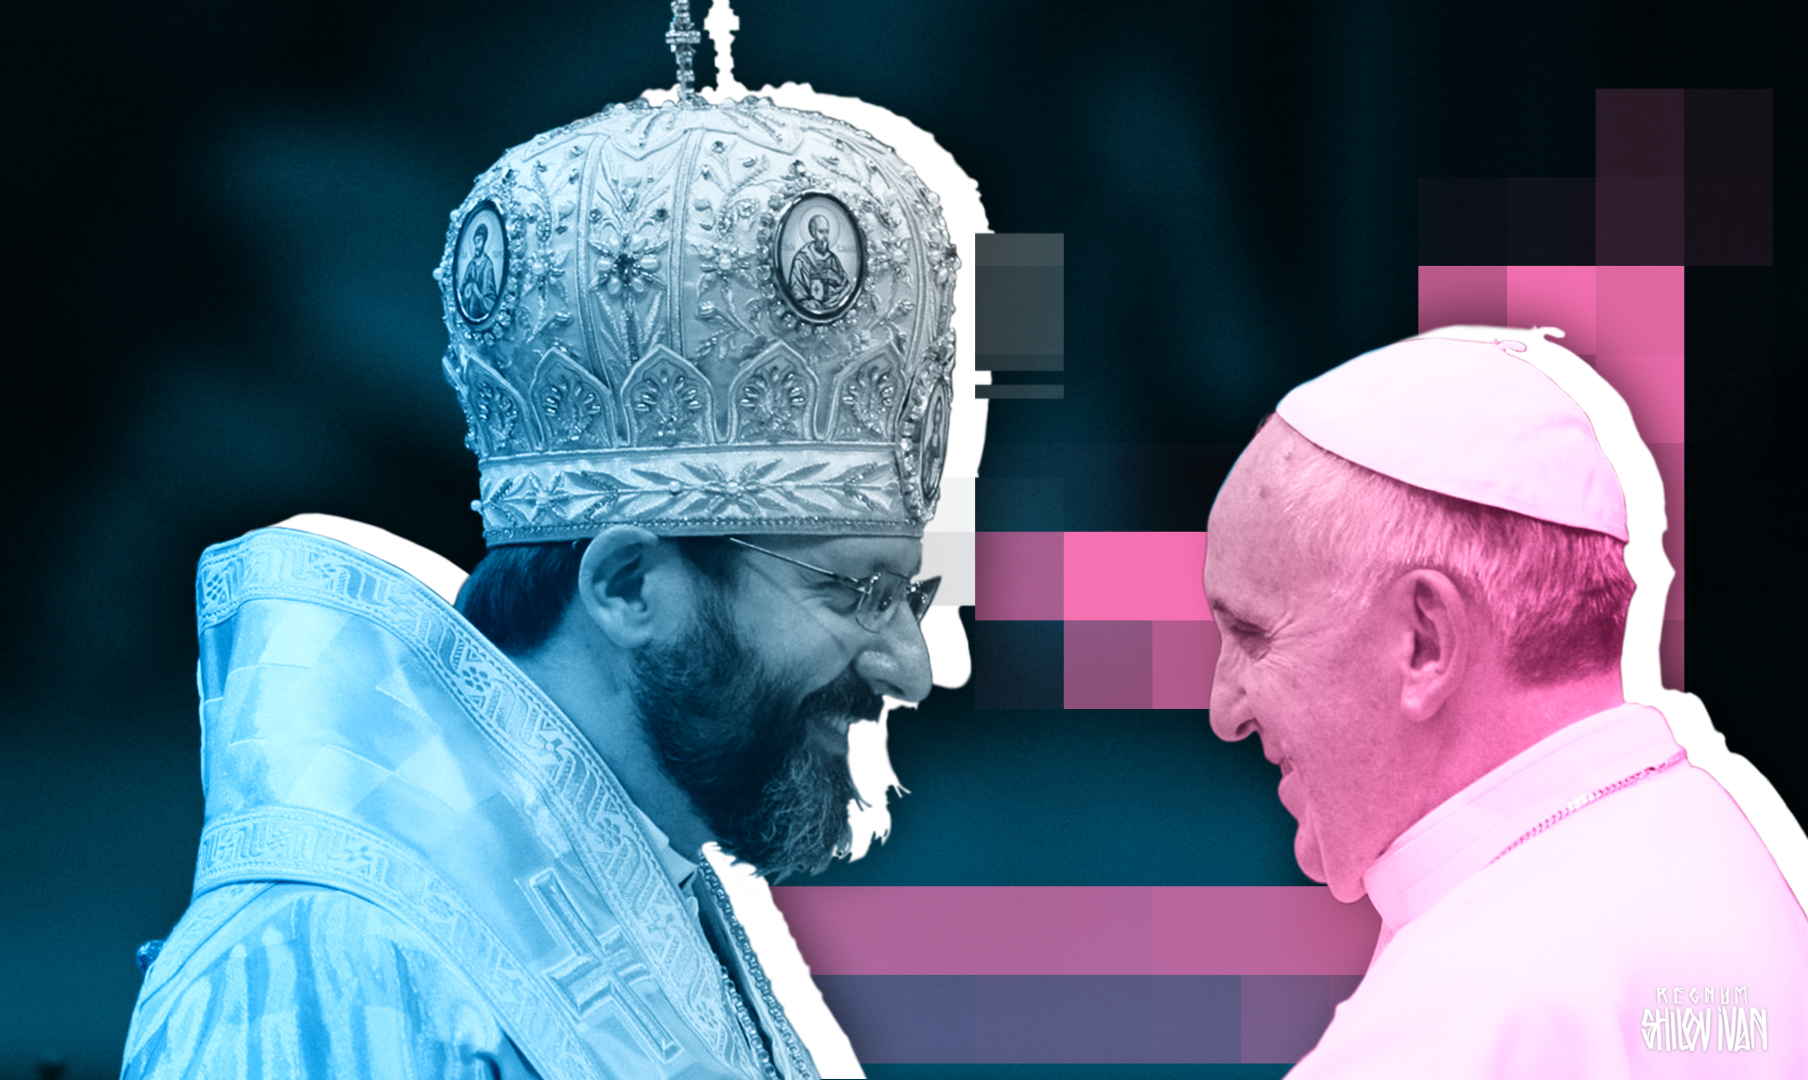 Архиепископ Святослав Шевчук и римский папа Франциск